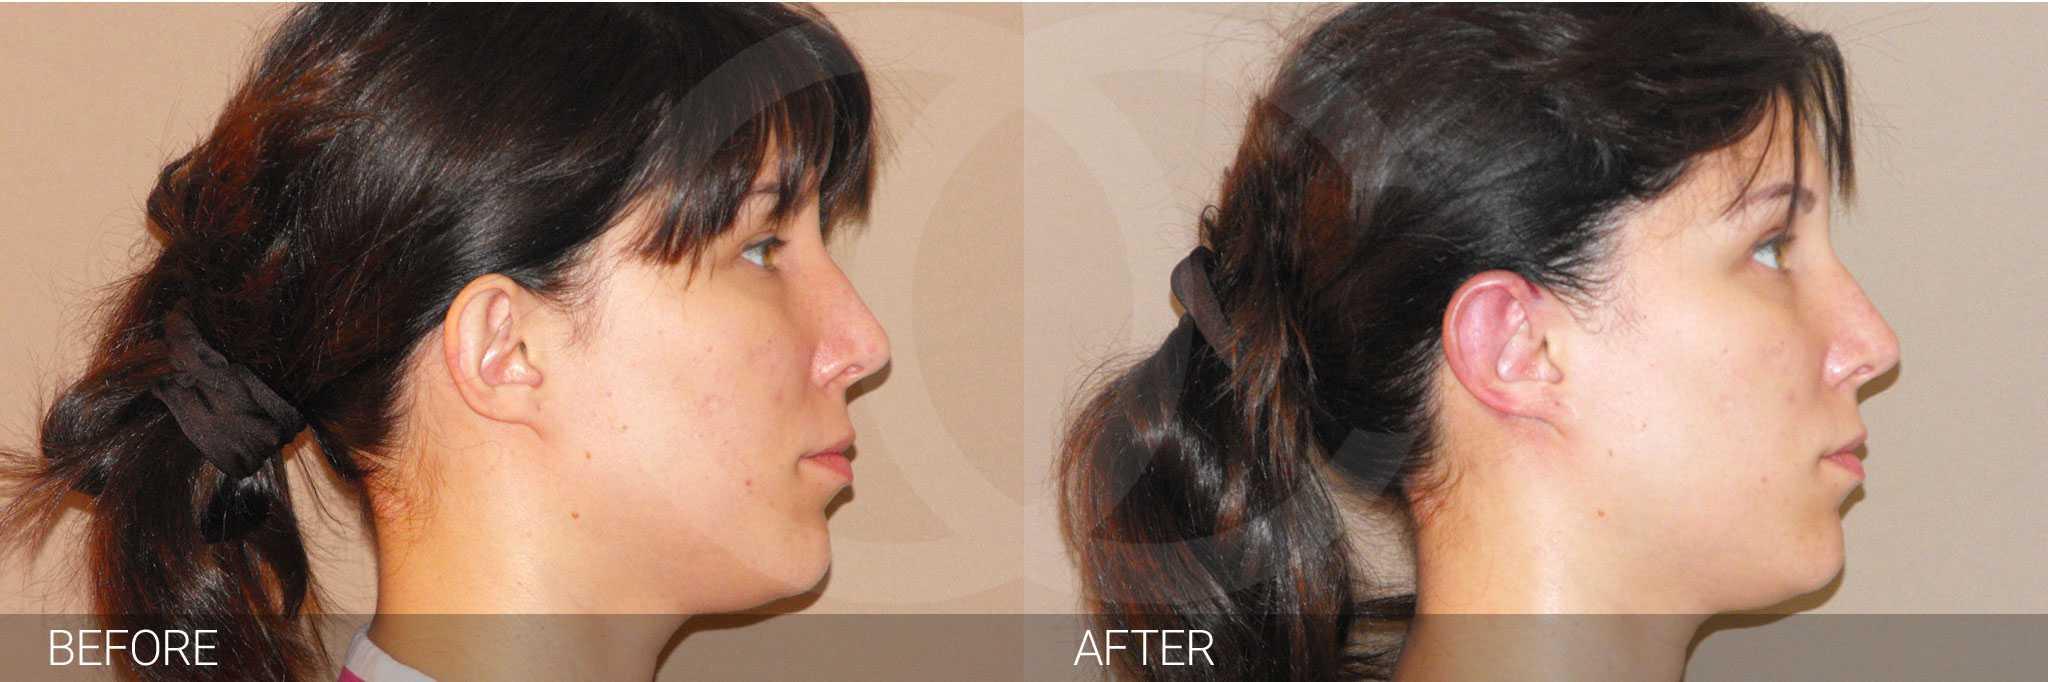 Chirurgie des oreilles 3 ante/post-op II